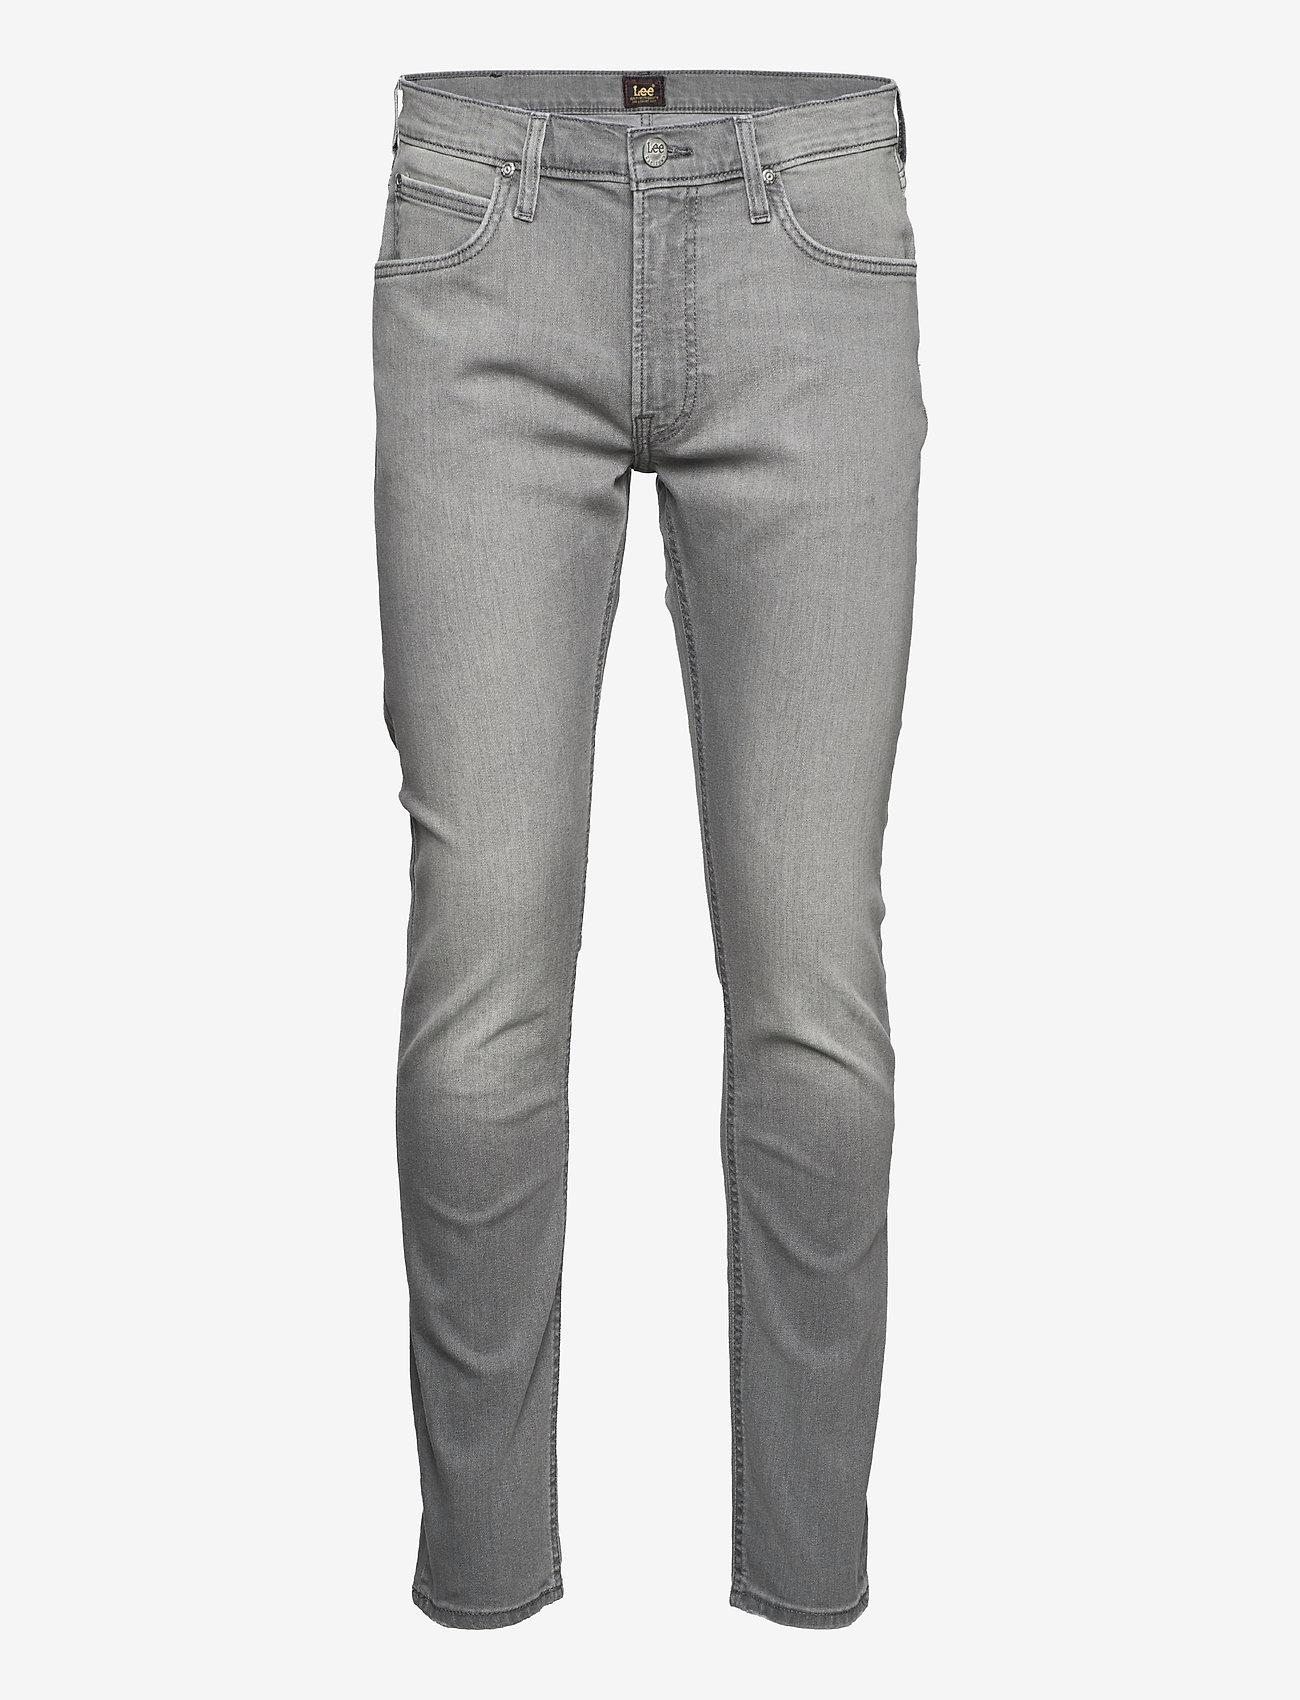 Lee Jeans - LUKE - regular jeans - light crosby - 0